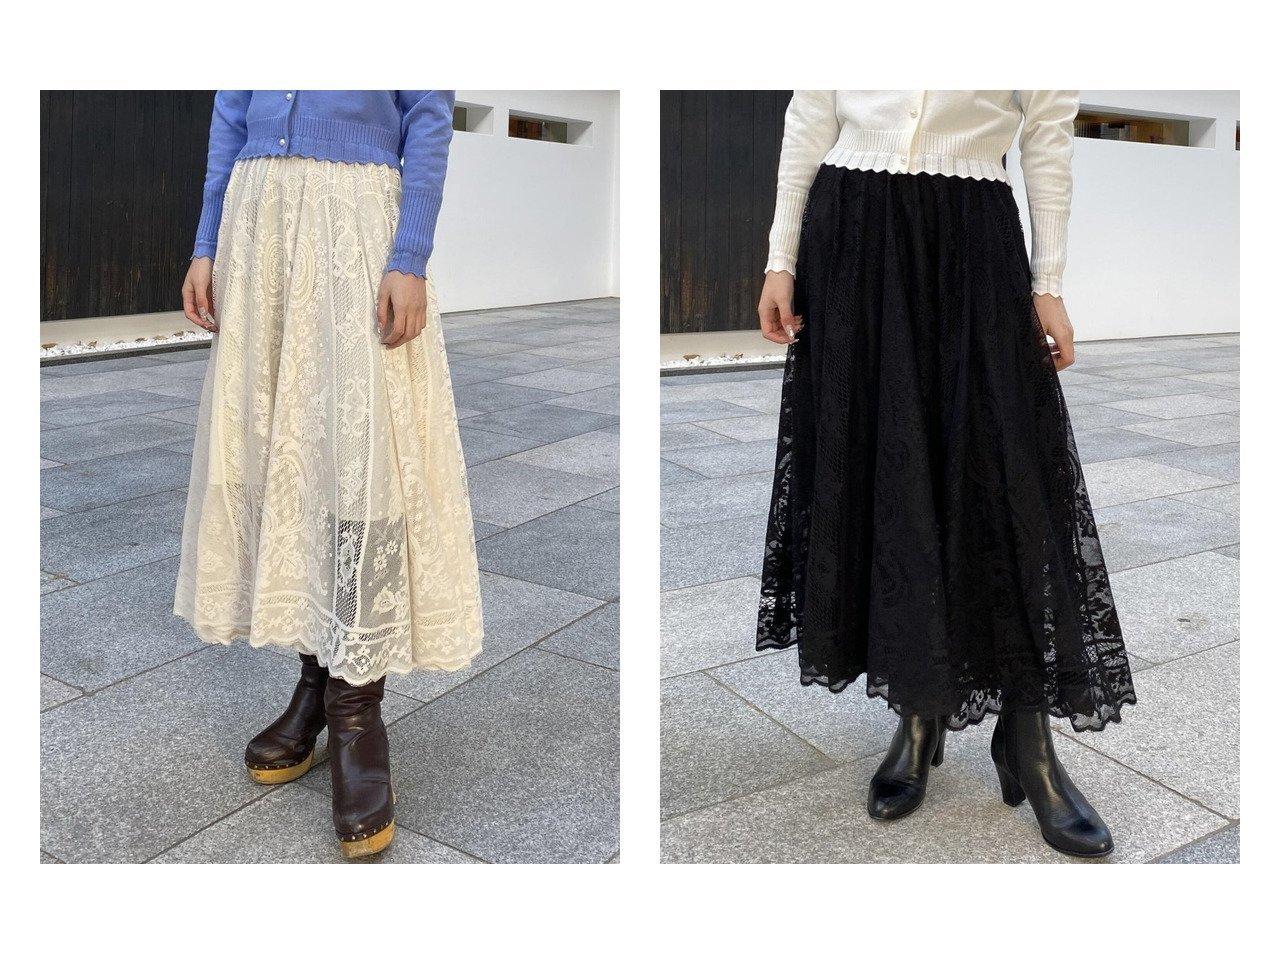 【QUEENS COURT/クイーンズ コート】の幾何柄レーススカート 【スカート】おすすめ!人気、トレンド・レディースファッションの通販 おすすめで人気の流行・トレンド、ファッションの通販商品 メンズファッション・キッズファッション・インテリア・家具・レディースファッション・服の通販 founy(ファニー) https://founy.com/ ファッション Fashion レディースファッション WOMEN スカート Skirt ロングスカート Long Skirt スカラップ レース ロング |ID:crp329100000027835